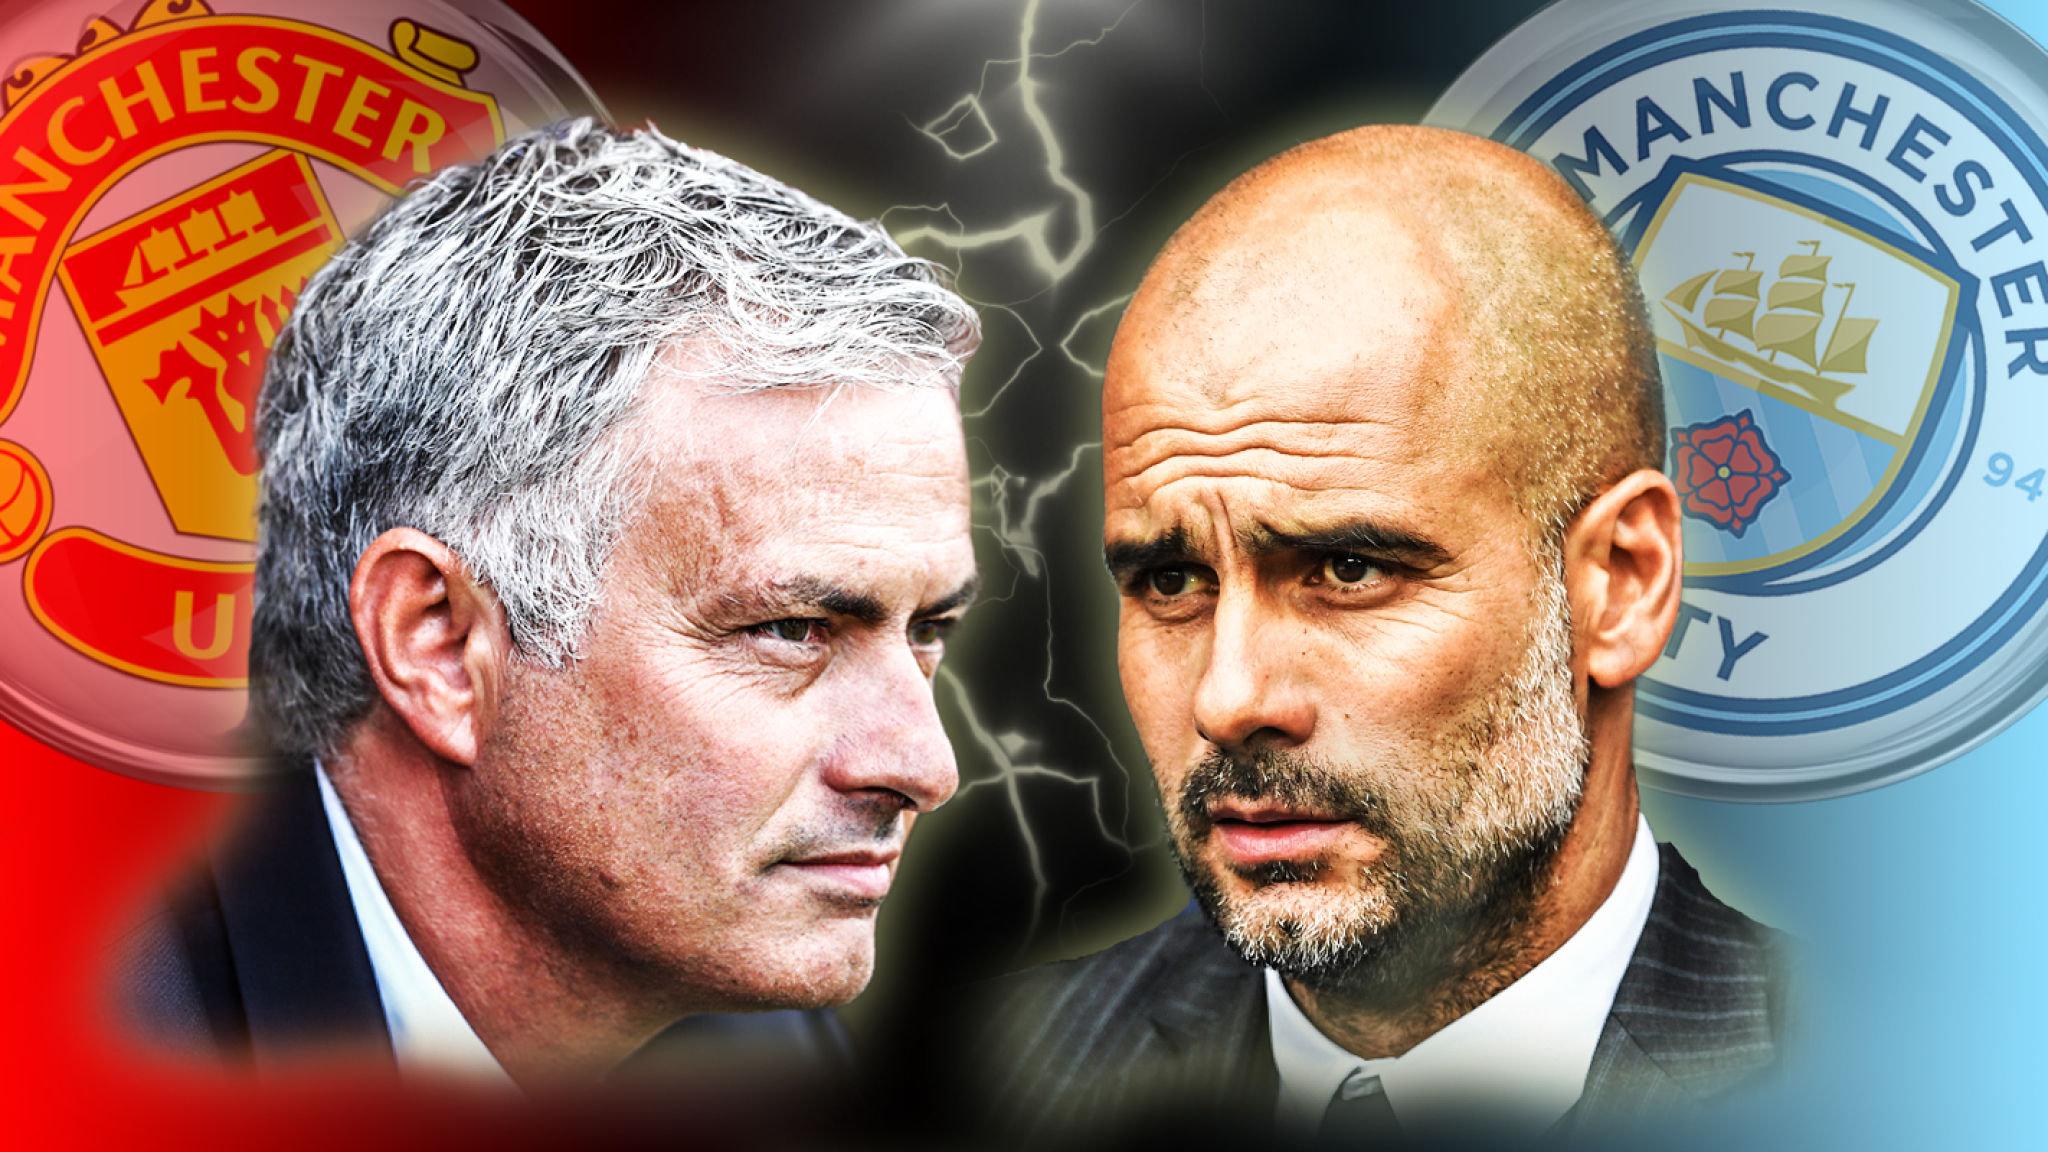 Đại chiến Mourinho vs Pep Guardiola: Lệnh Hồ Xung lấy gì đấu Đông Phương Bất Bại?